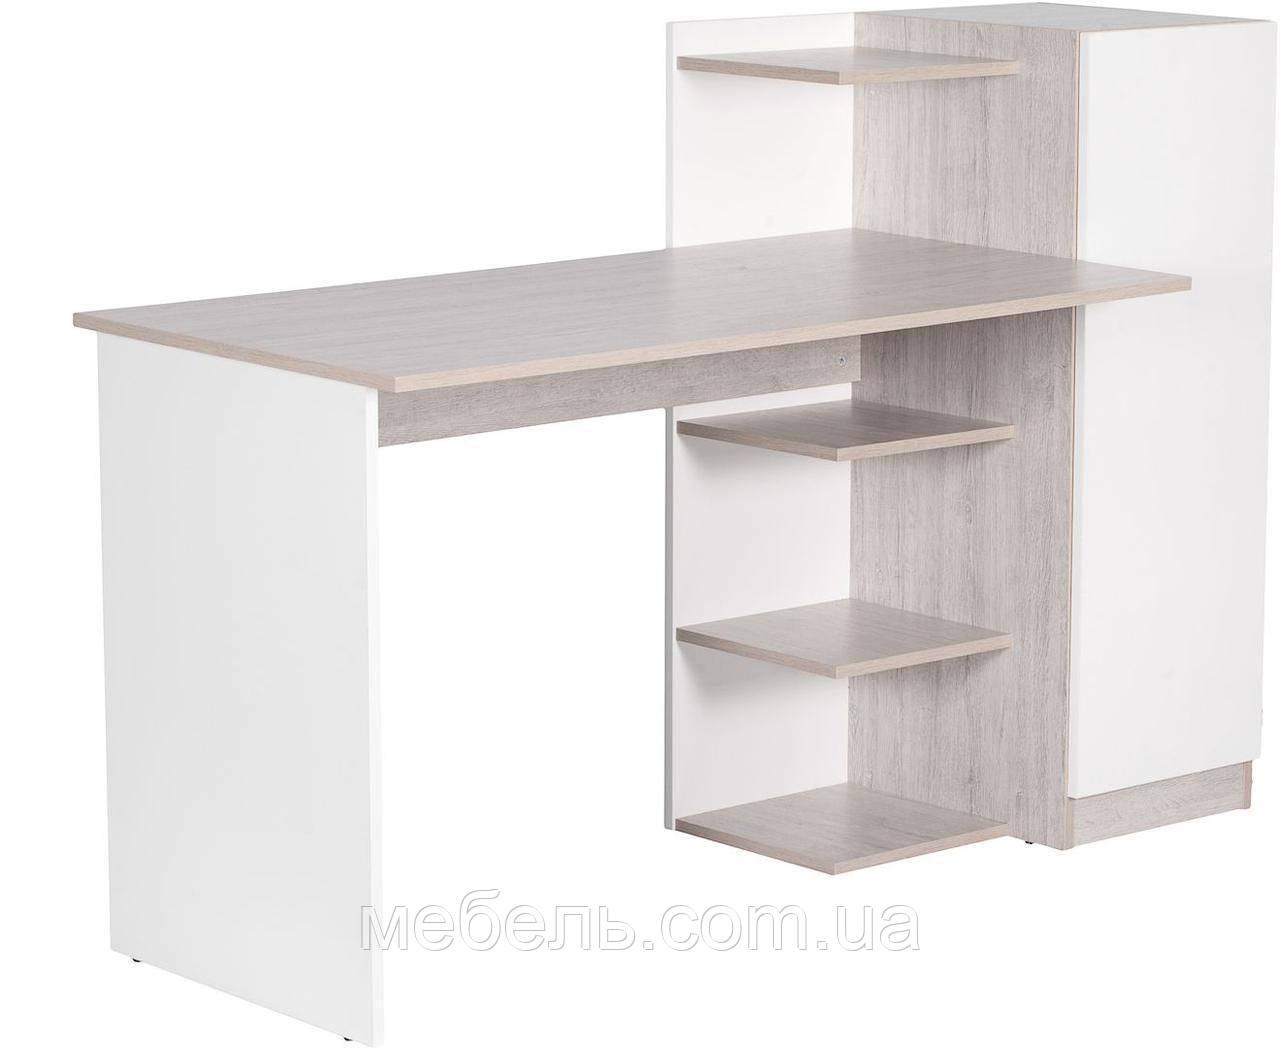 Стол для учебных заведений Barsky HW-04